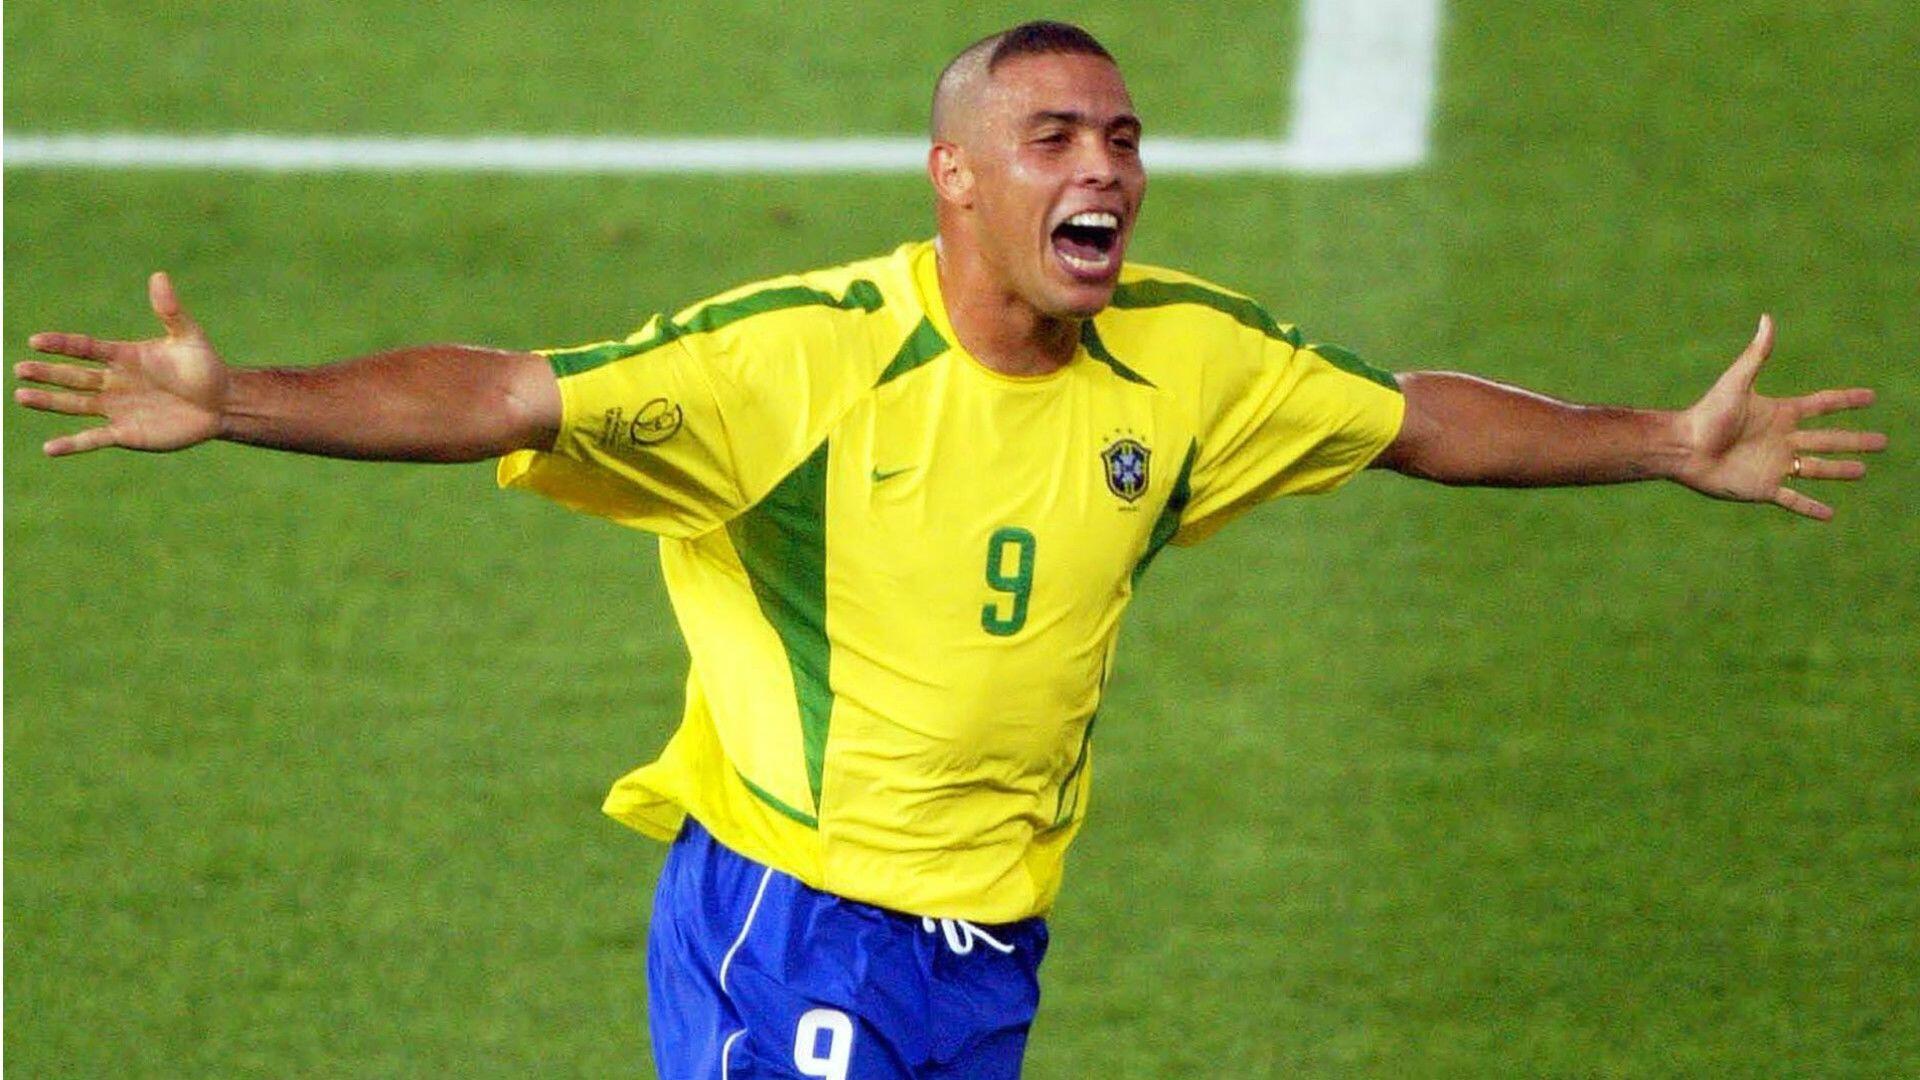 Bertalenta, Ini 5 Pemain dengan Penampilan Terbanyak di Timnas Brasil